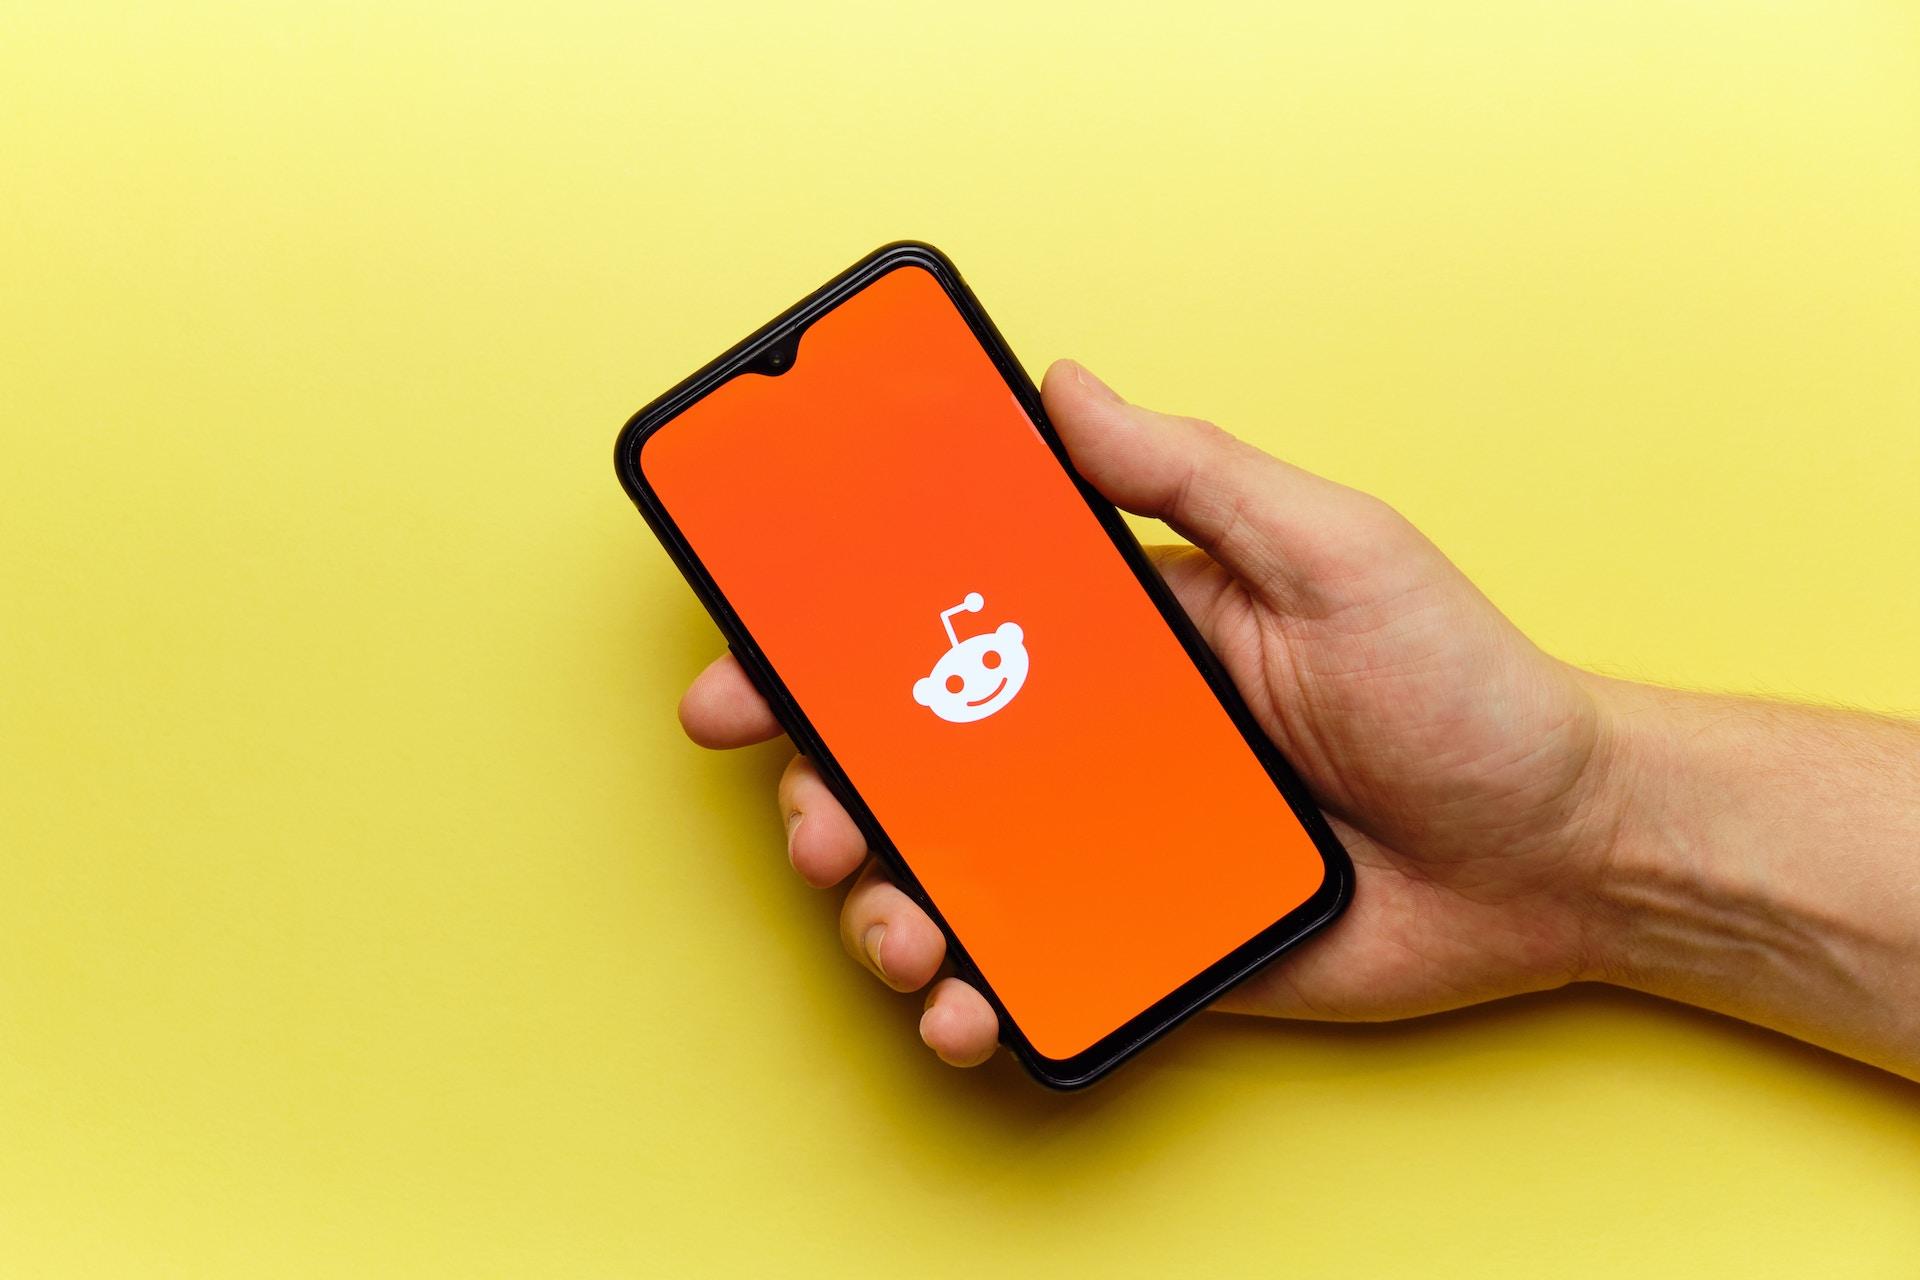 Auf einem gelben Hintergrund hält eine Hand ein Handy auf dem Mann das weiße Reddit-Symbol auf orangenen Hintergrund sieht